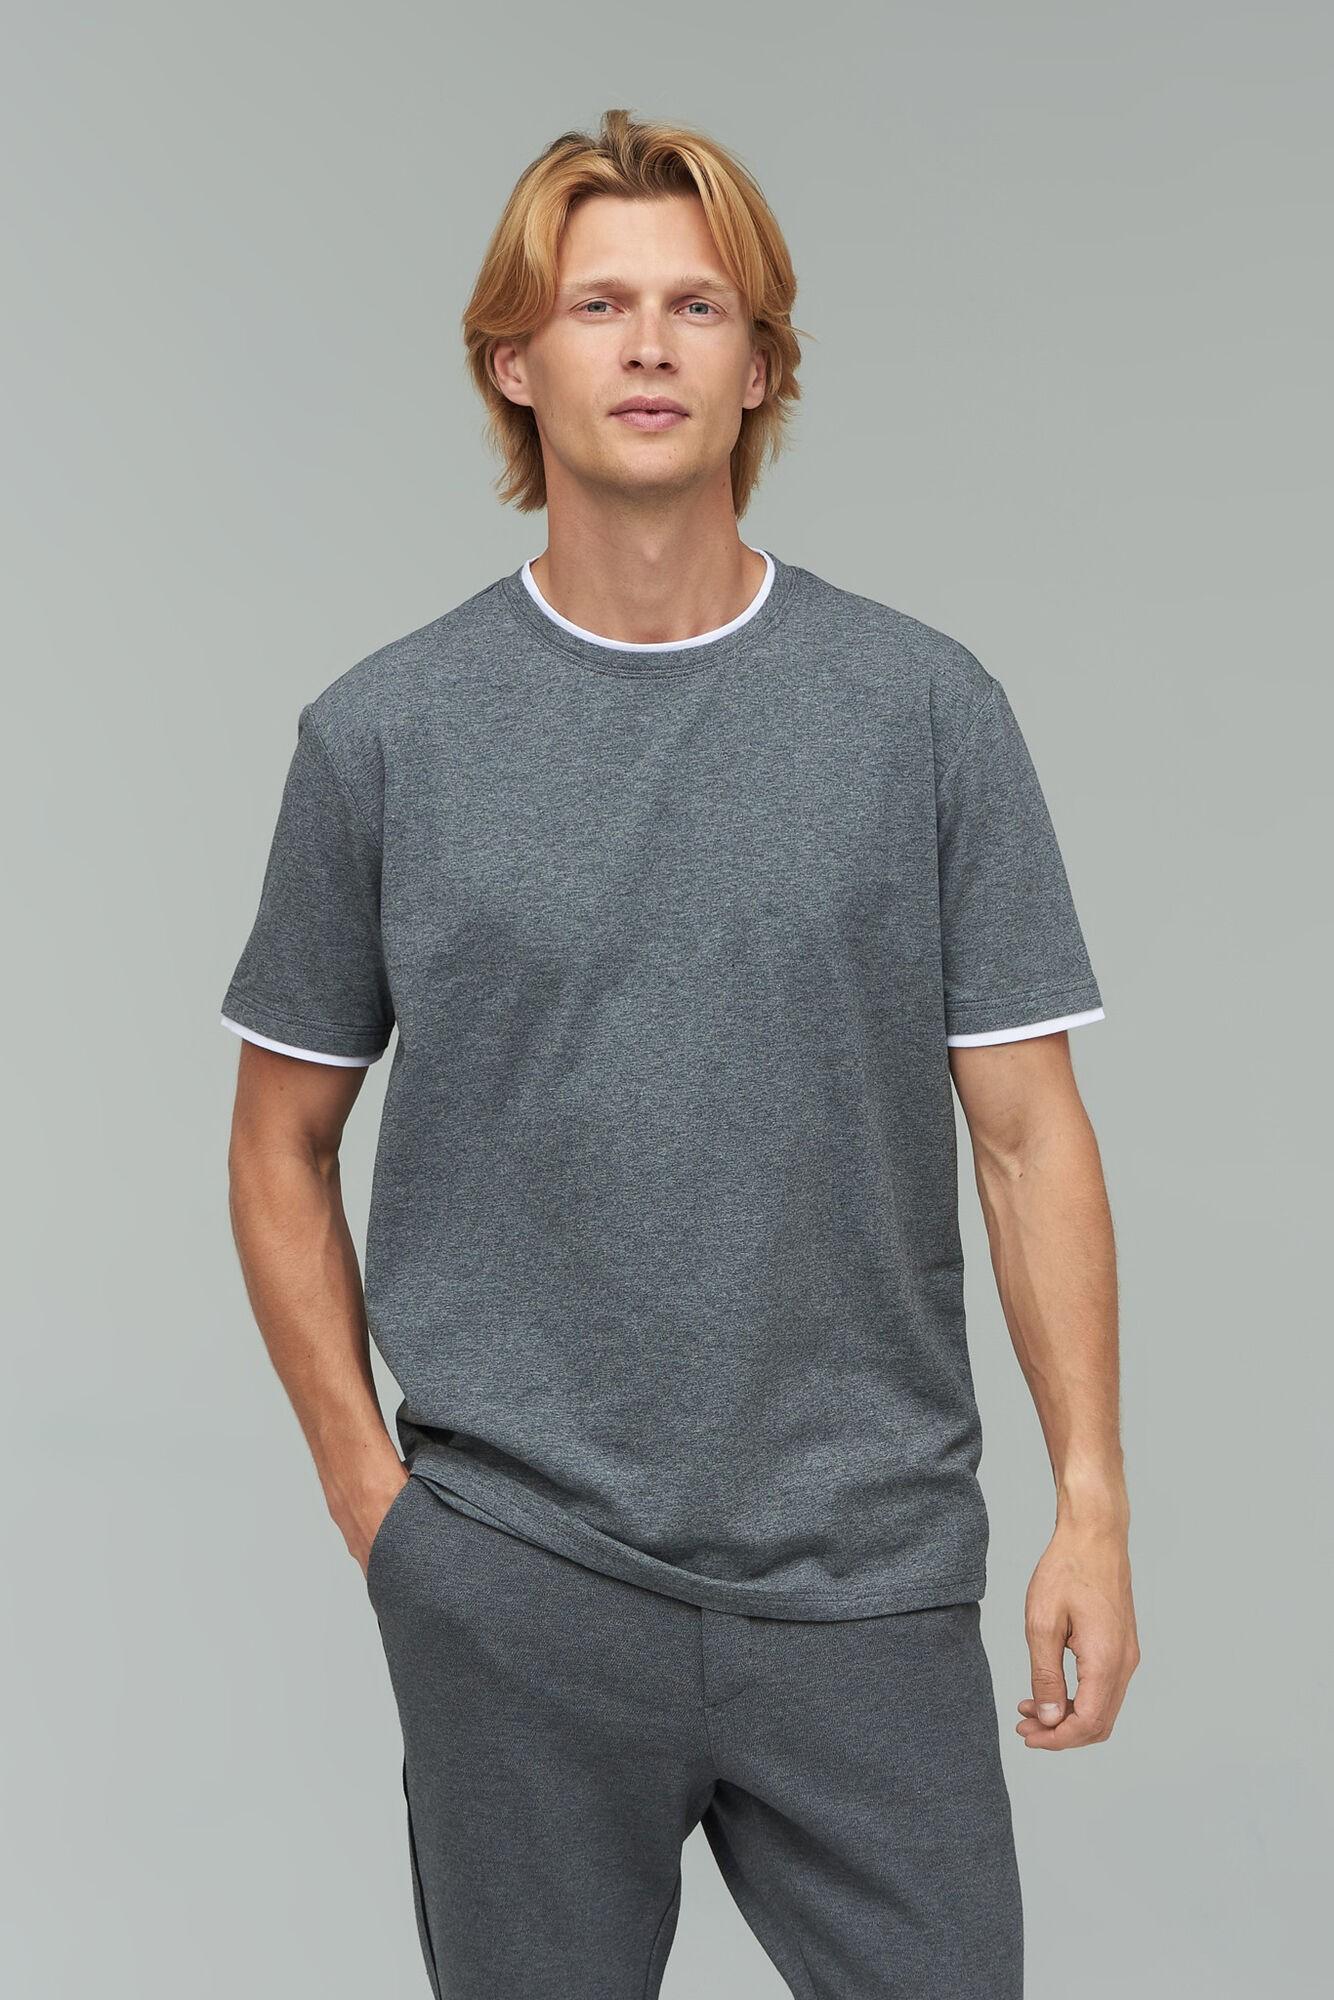 AUDIMAS Tamprūs medvilniniai marškinėliai 2021-642 Middle Grey Melange S